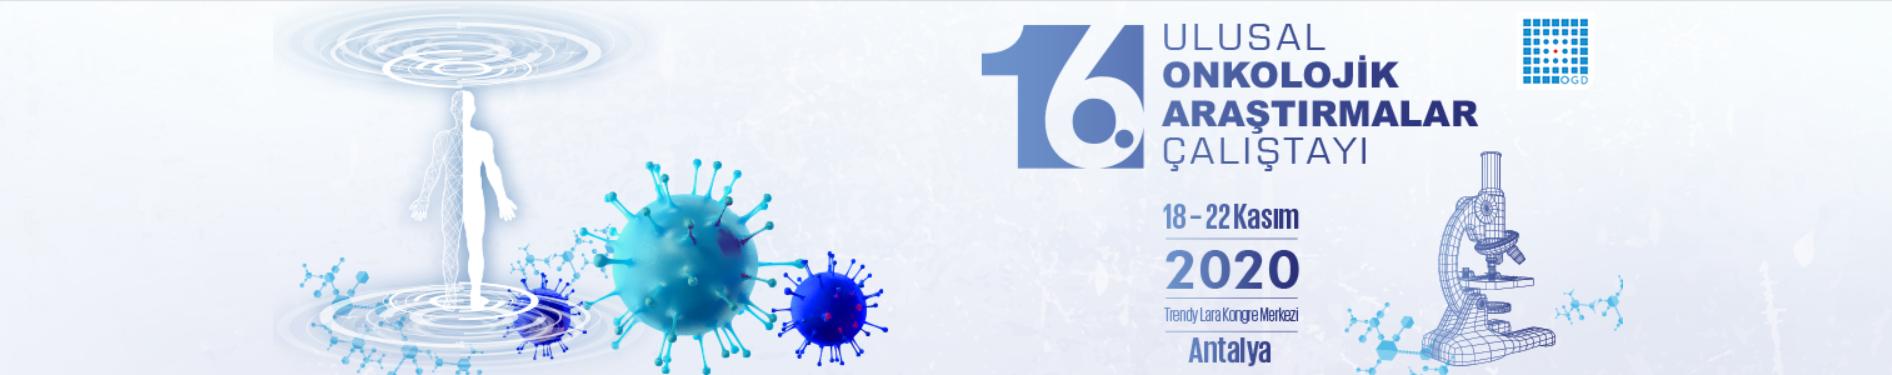 (VIRTUAL) 16. Ulusal Onkolojik Araştırmalar Çalıştayı